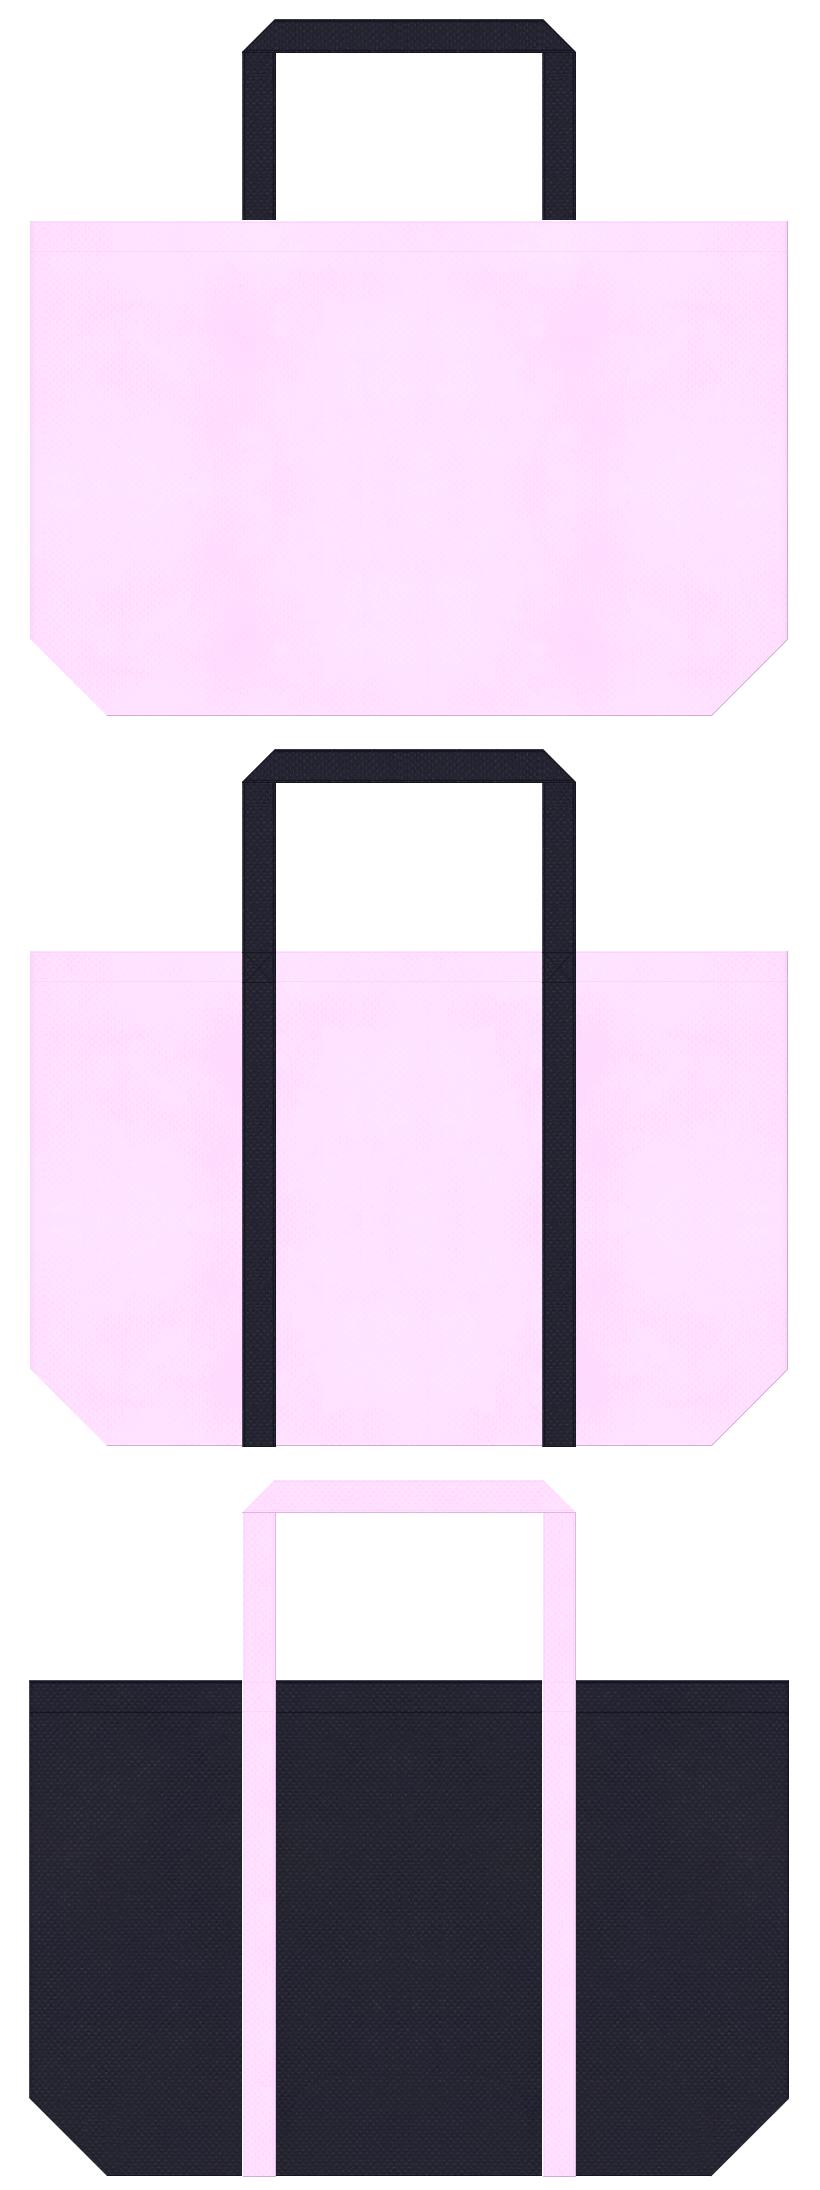 学校・学園・オープンキャンパス・学習塾・レッスンバッグ・ユニフォーム・運動靴・アウトドア・スポーツイベント・スポーツバッグにお奨めの不織布バッグデザイン:明るいピンク色と濃紺色のコーデ